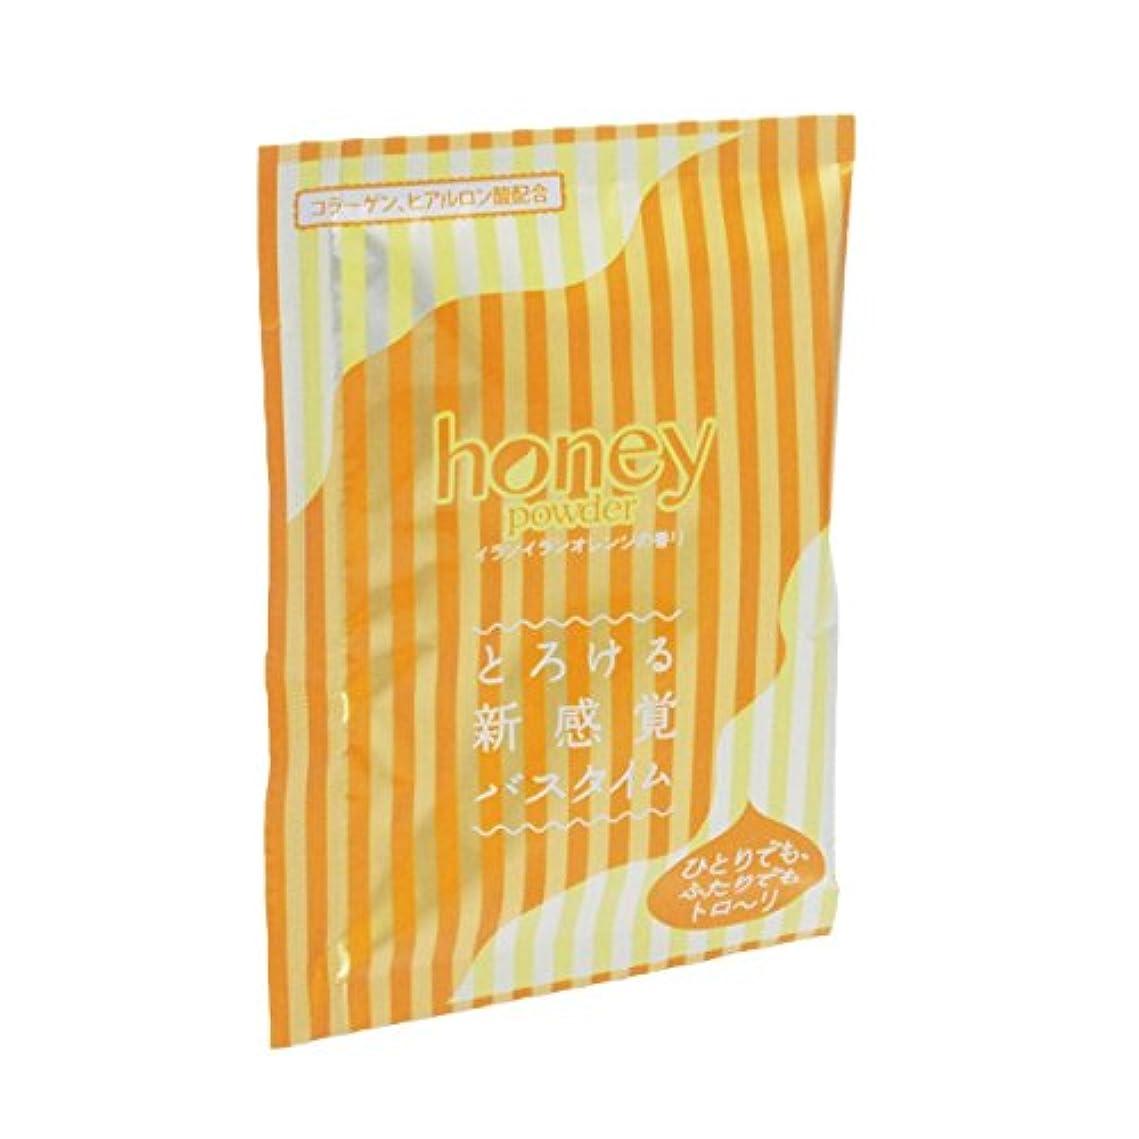 位置する先入観観点[GN-91] ハニーパウダー1BOX(10個セット) イランイランオレンジの香り